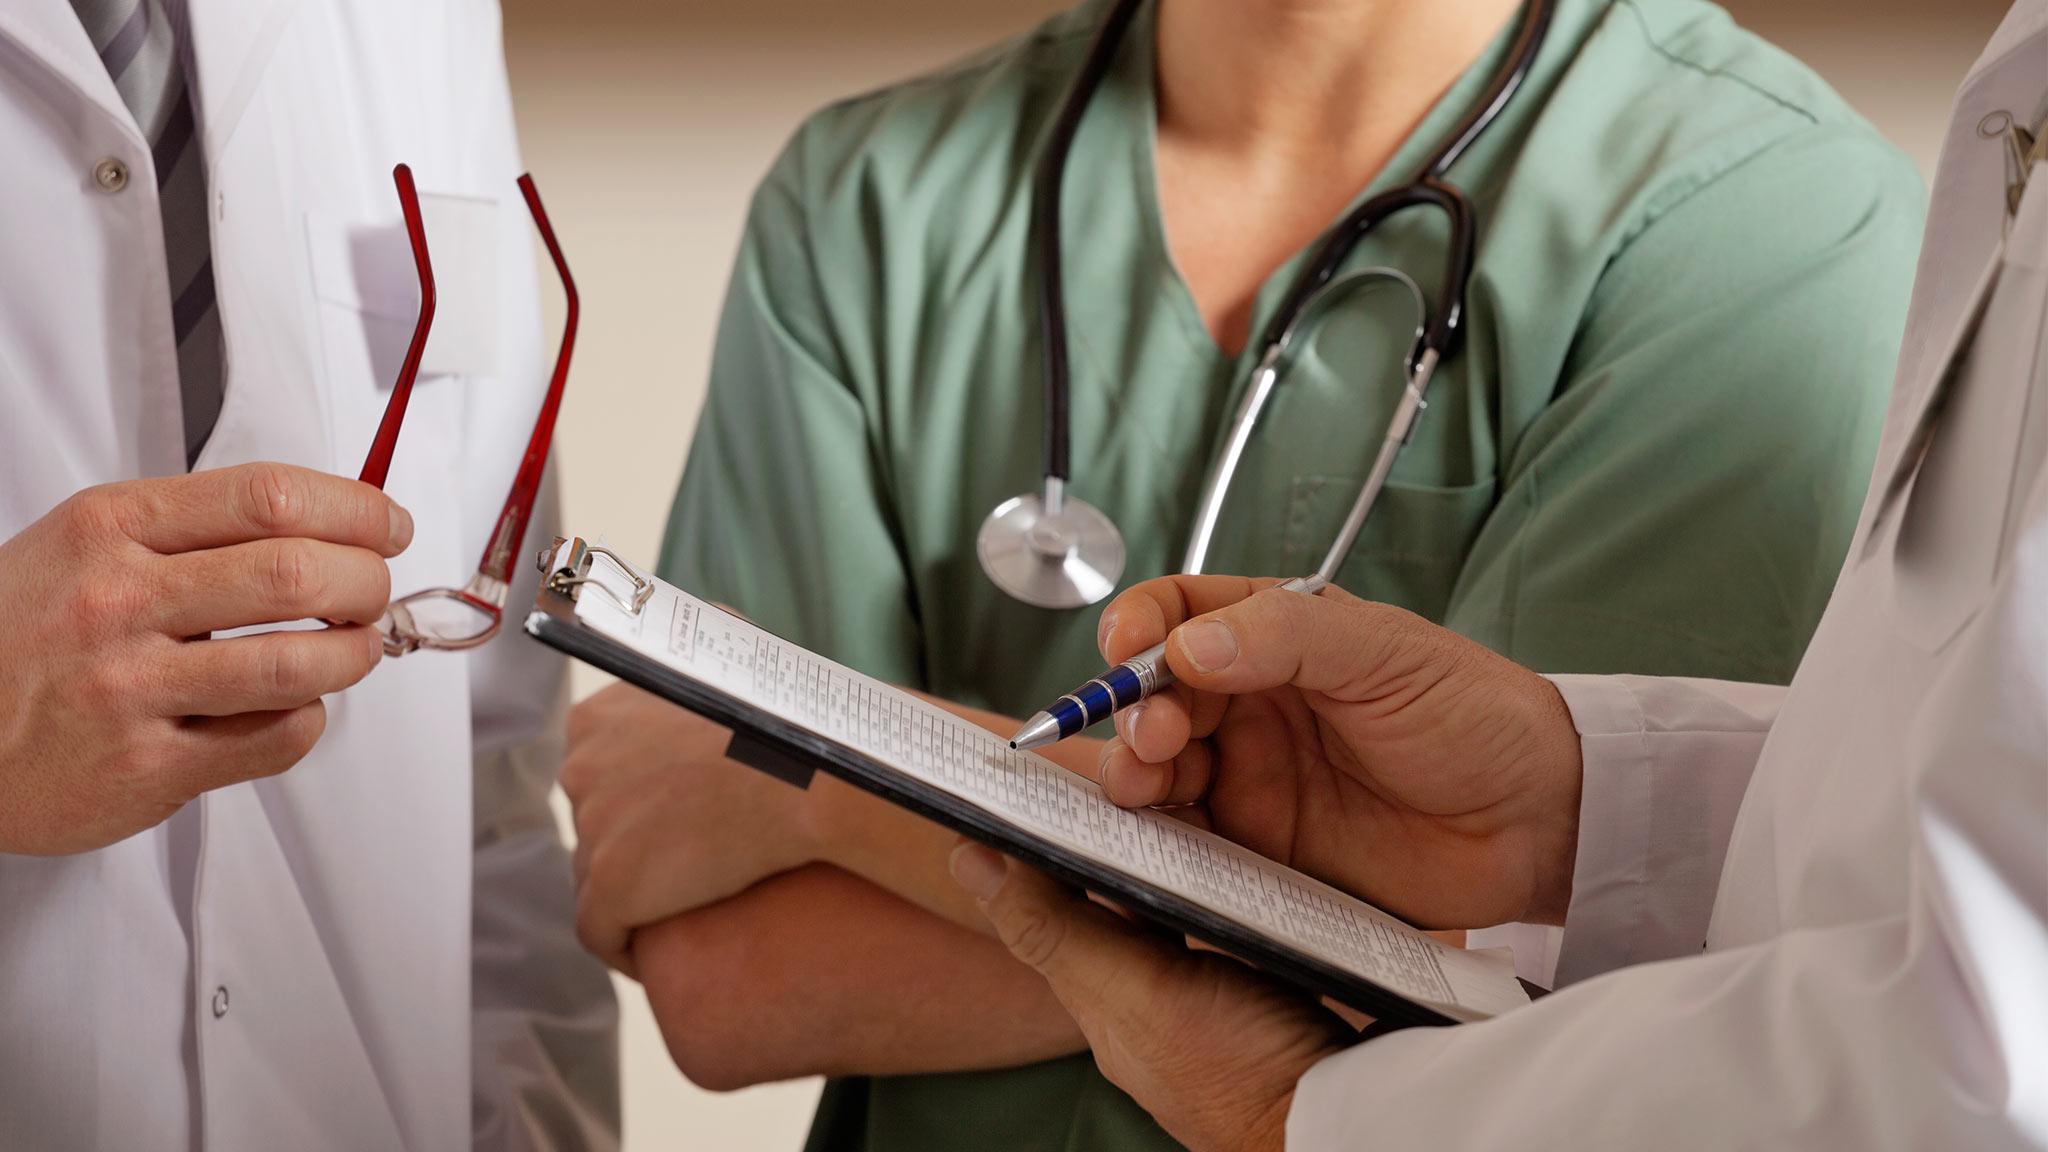 Жалған вакцинация төлқұжатын жасаудың 30 дерегі тіркелді